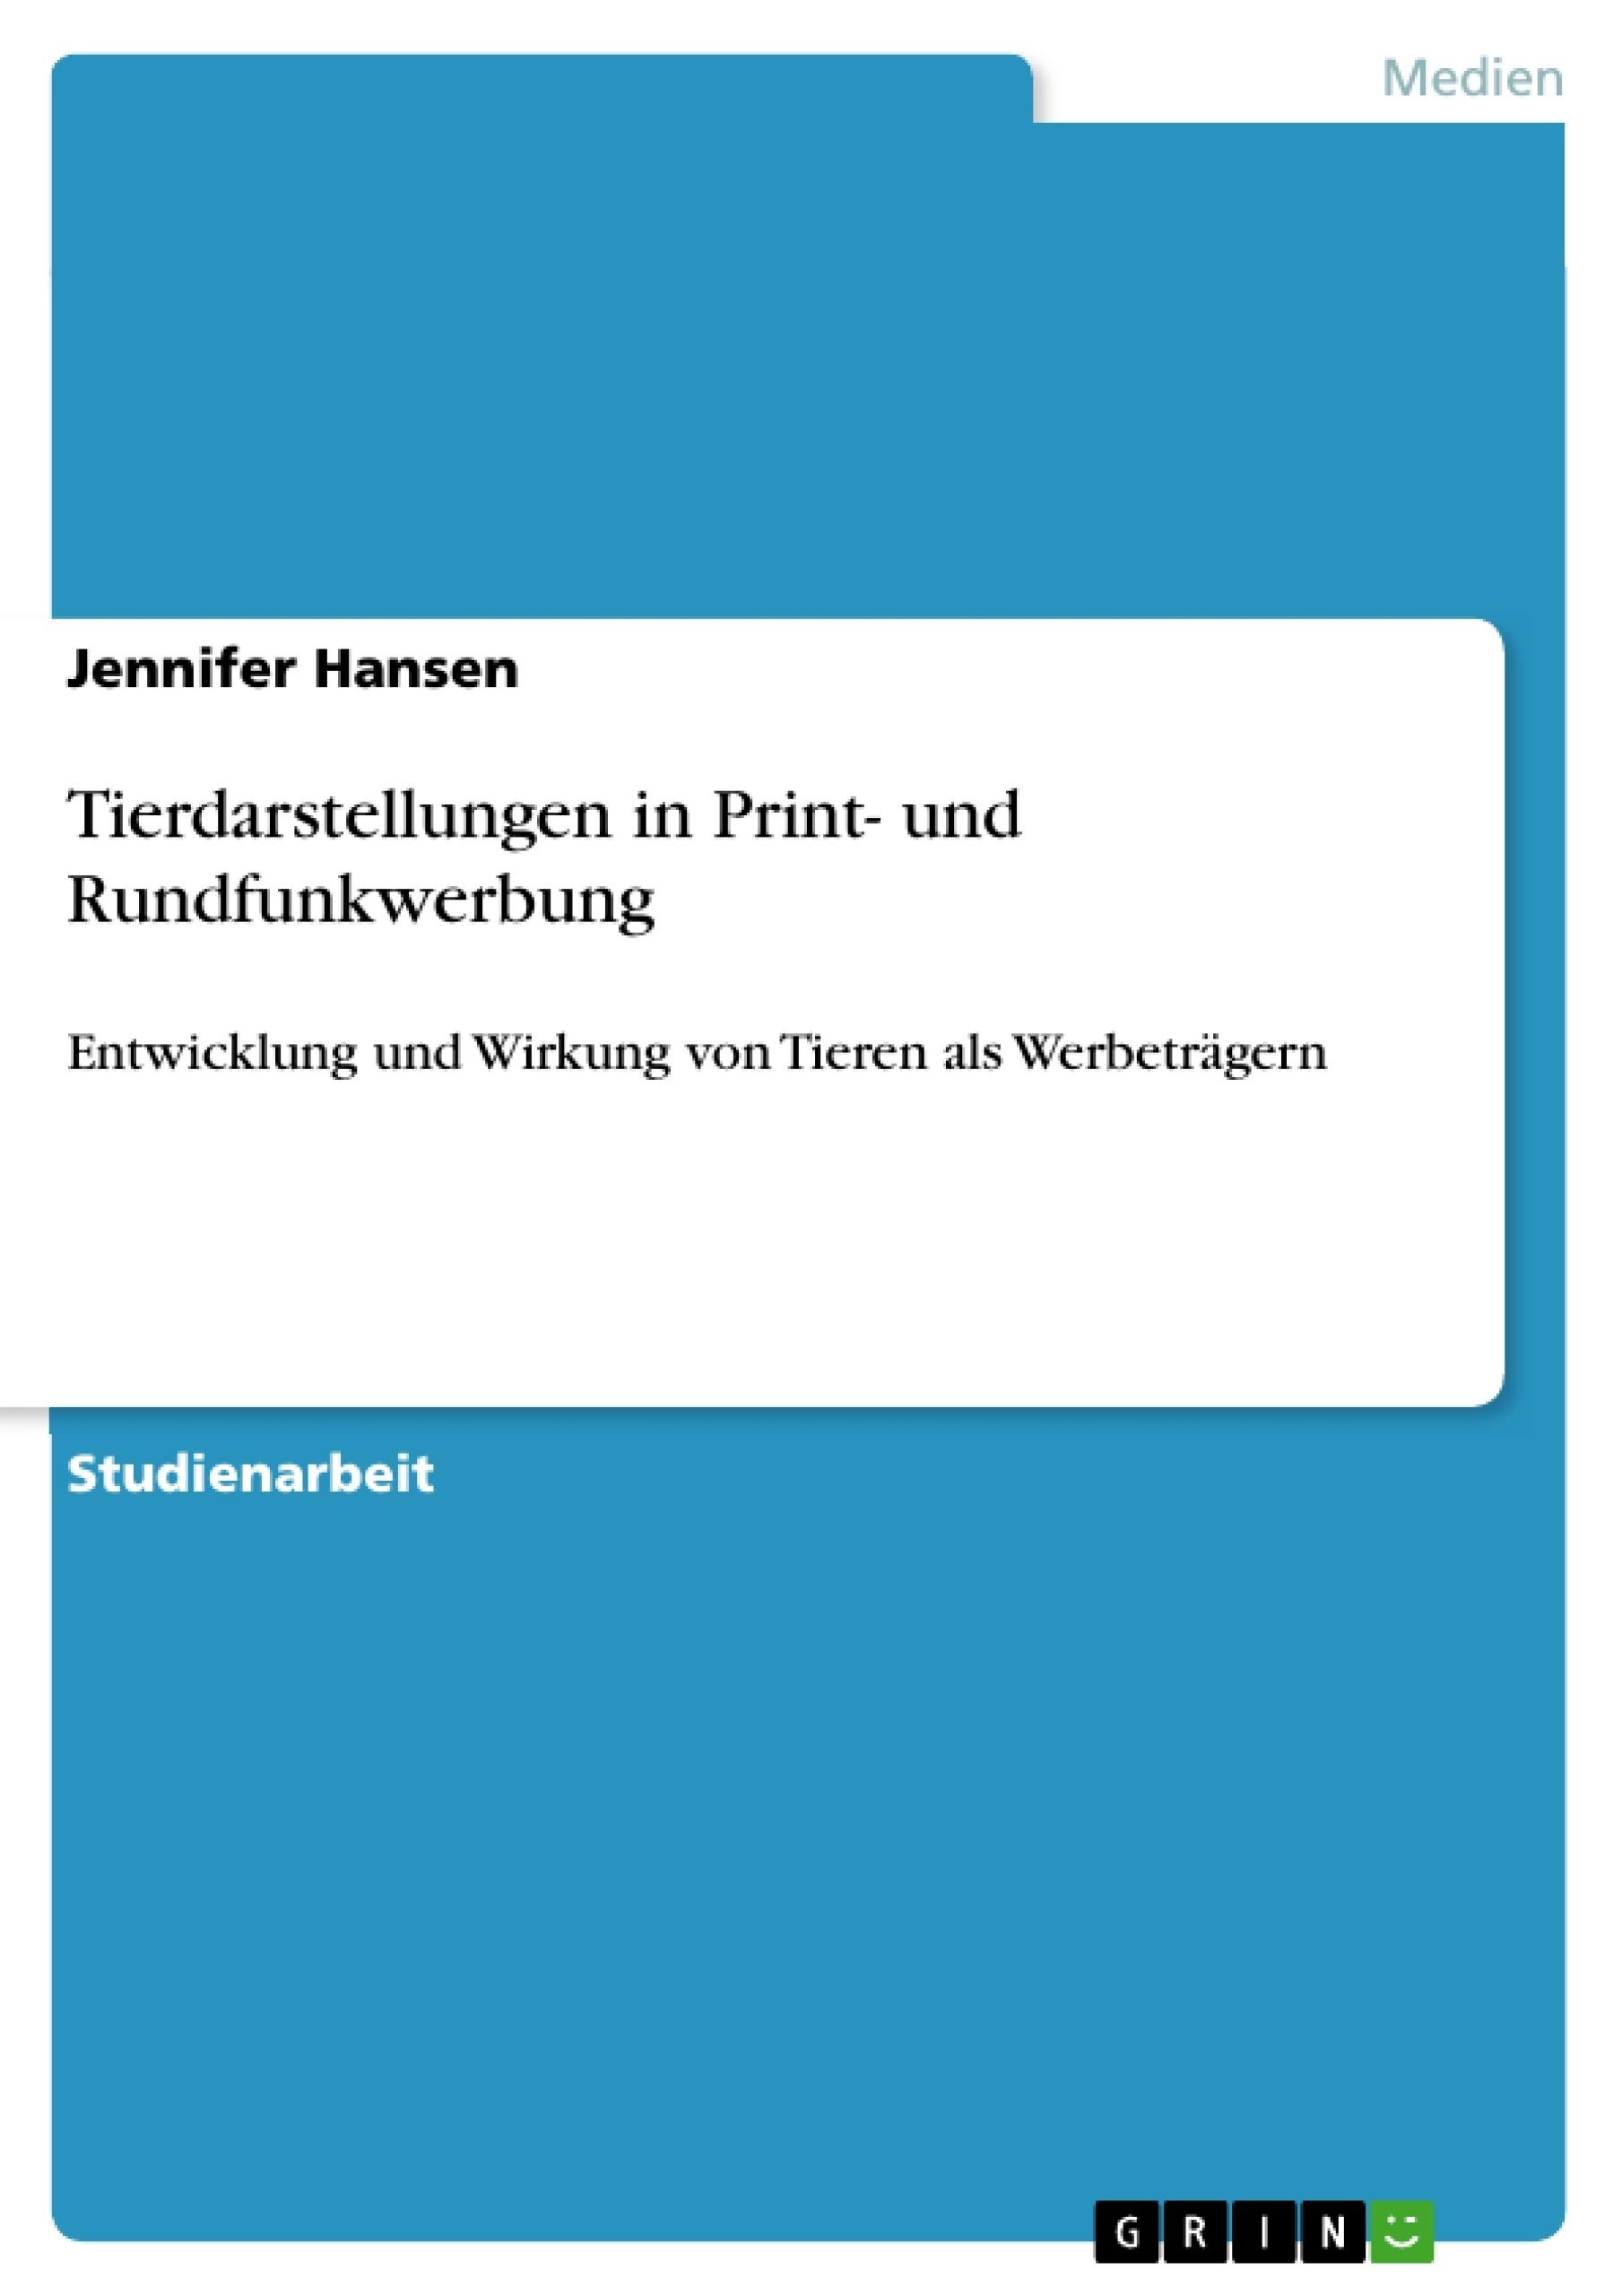 Titel: Tierdarstellungen in Print- und Rundfunkwerbung